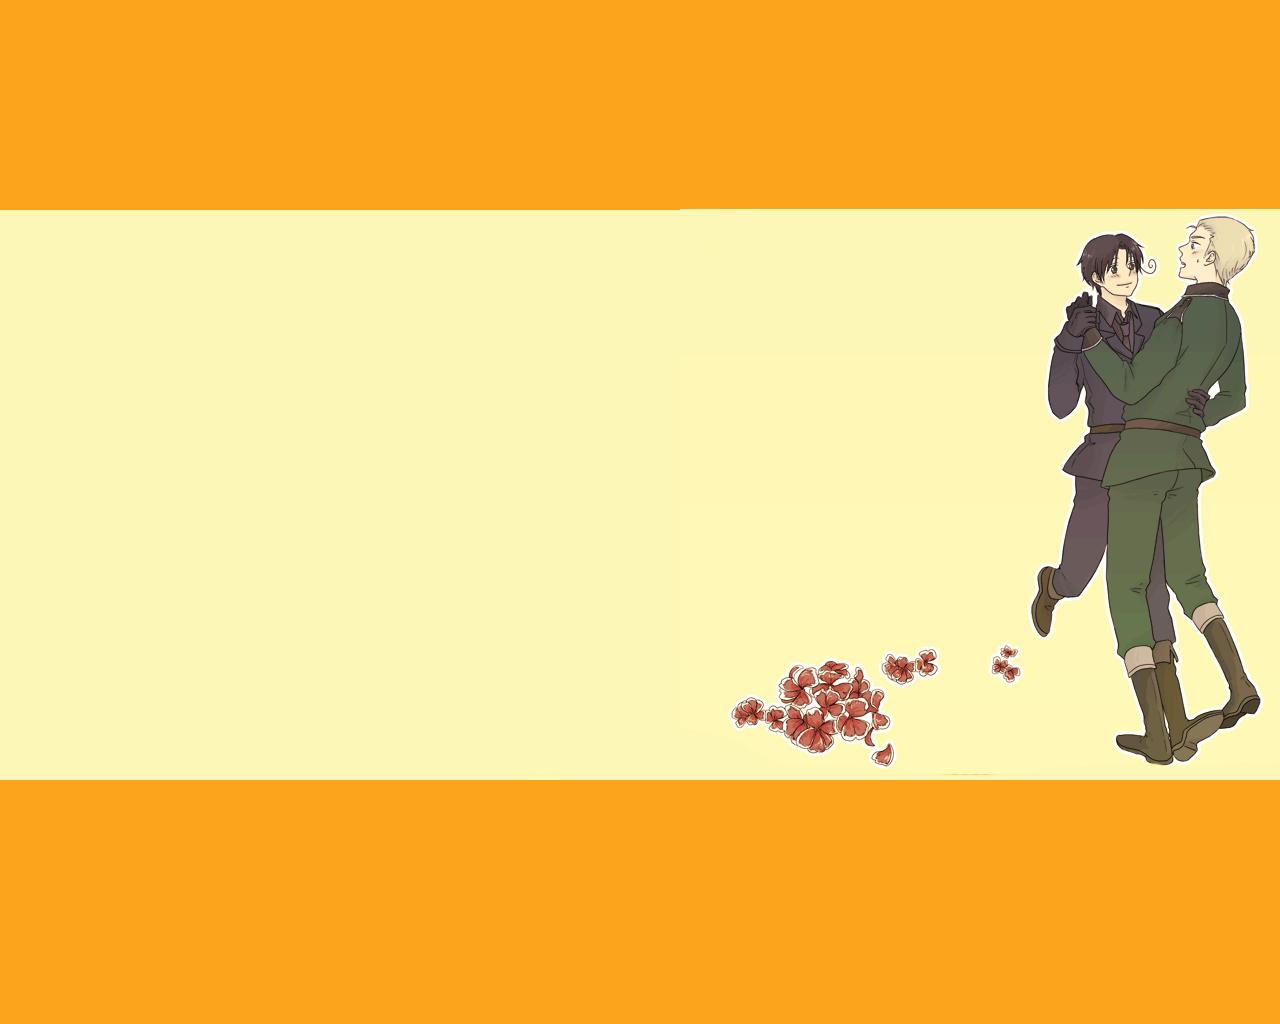 Hetalia Axis Powers Computer Wallpapers Desktop Backgrounds 1280x1024